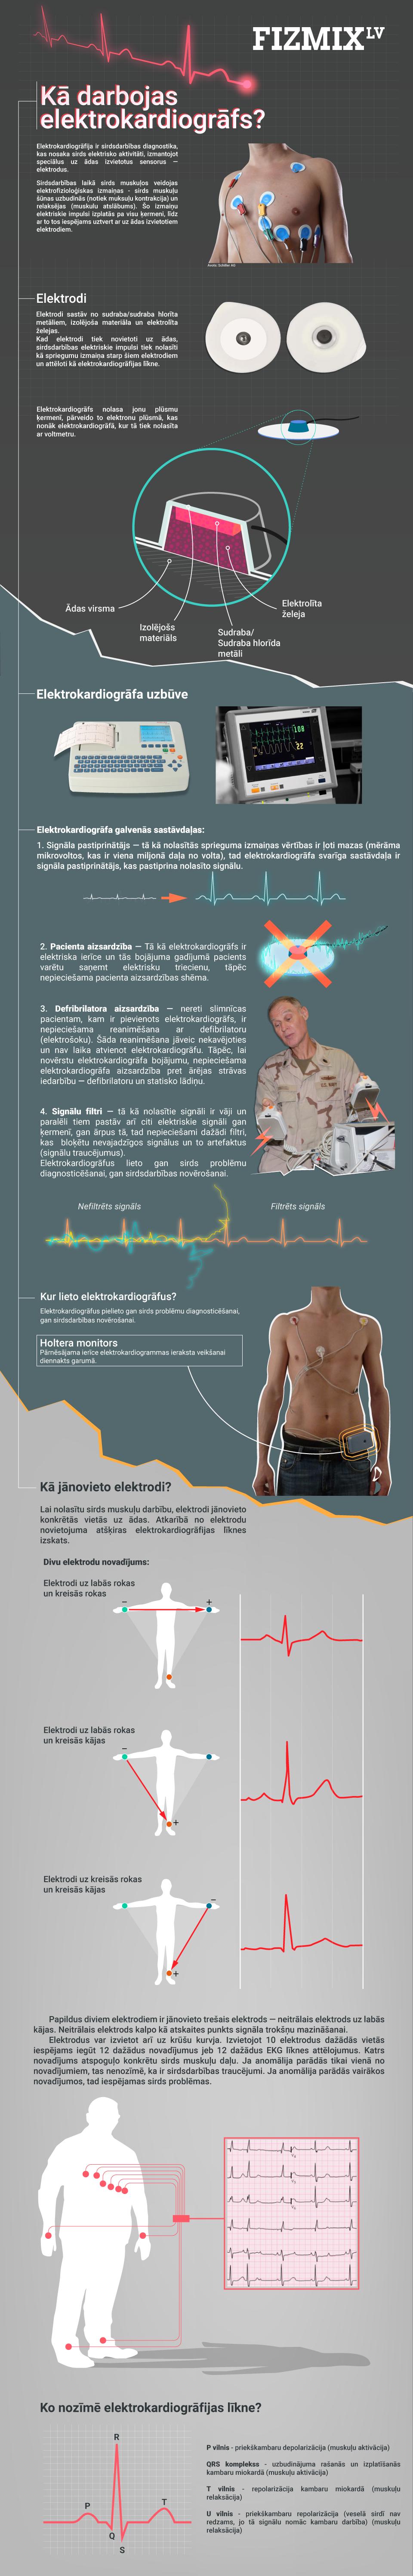 Kā darbojas elektrokardiogrāfs?